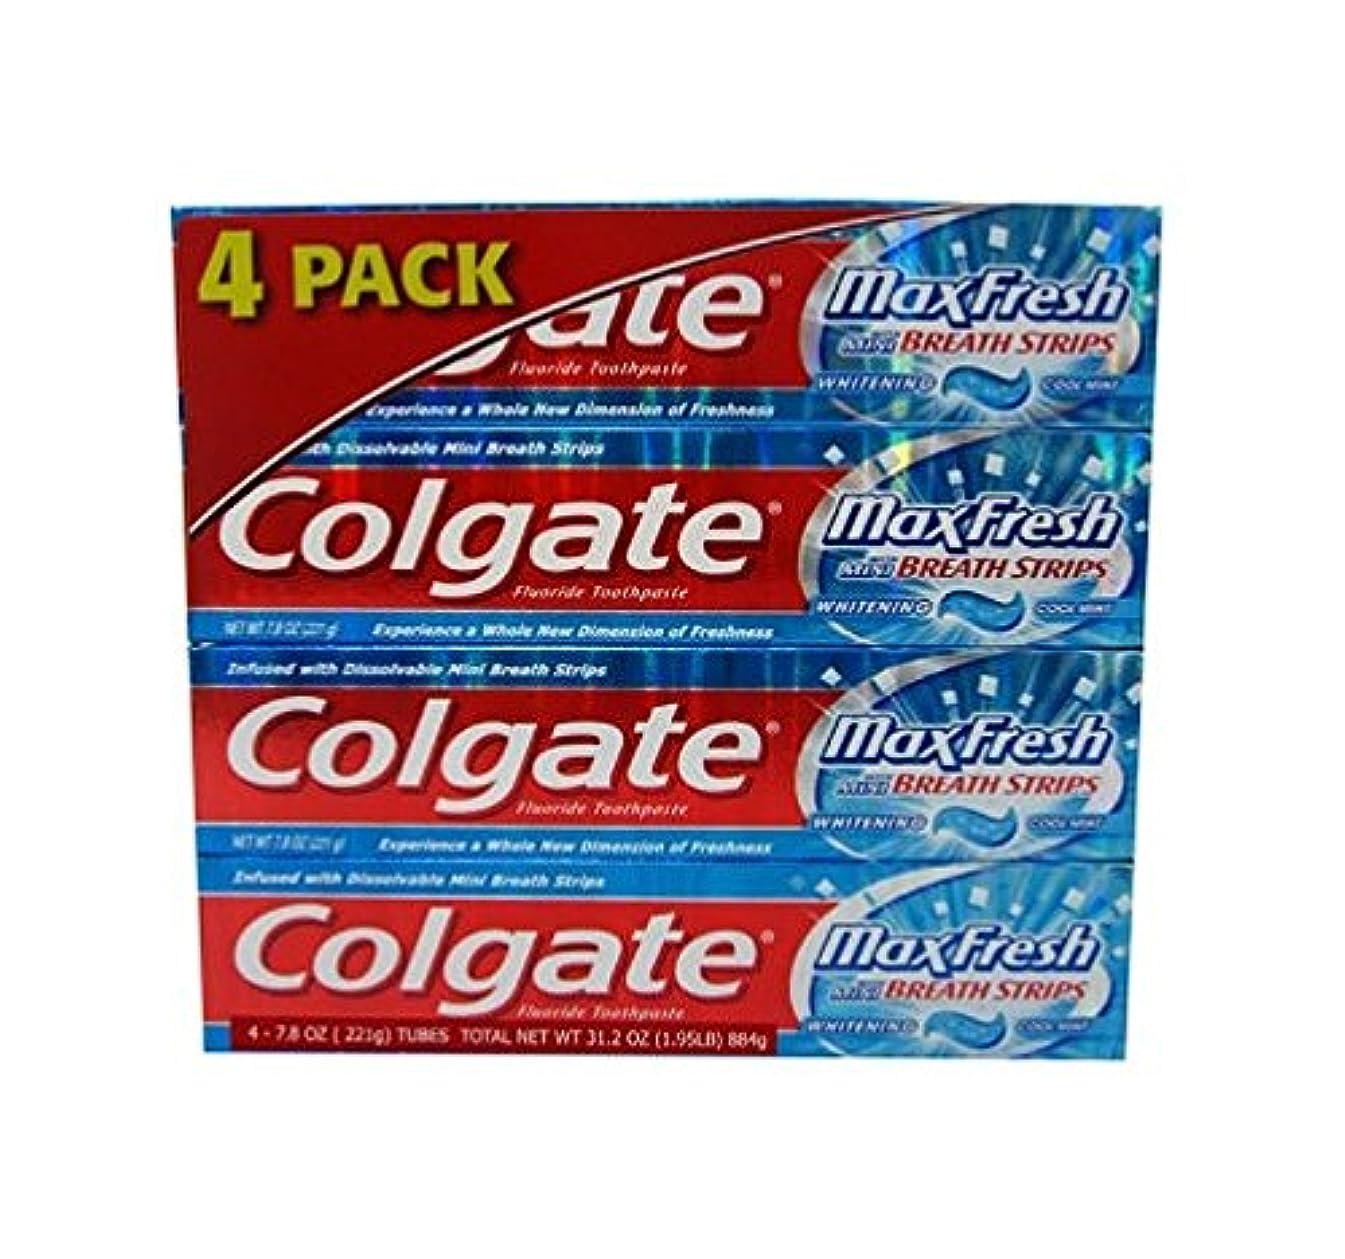 舌な猟犬中絶Colgate コルゲートMaxFresh 歯磨き粉Cool Mint 221g x 4個パック